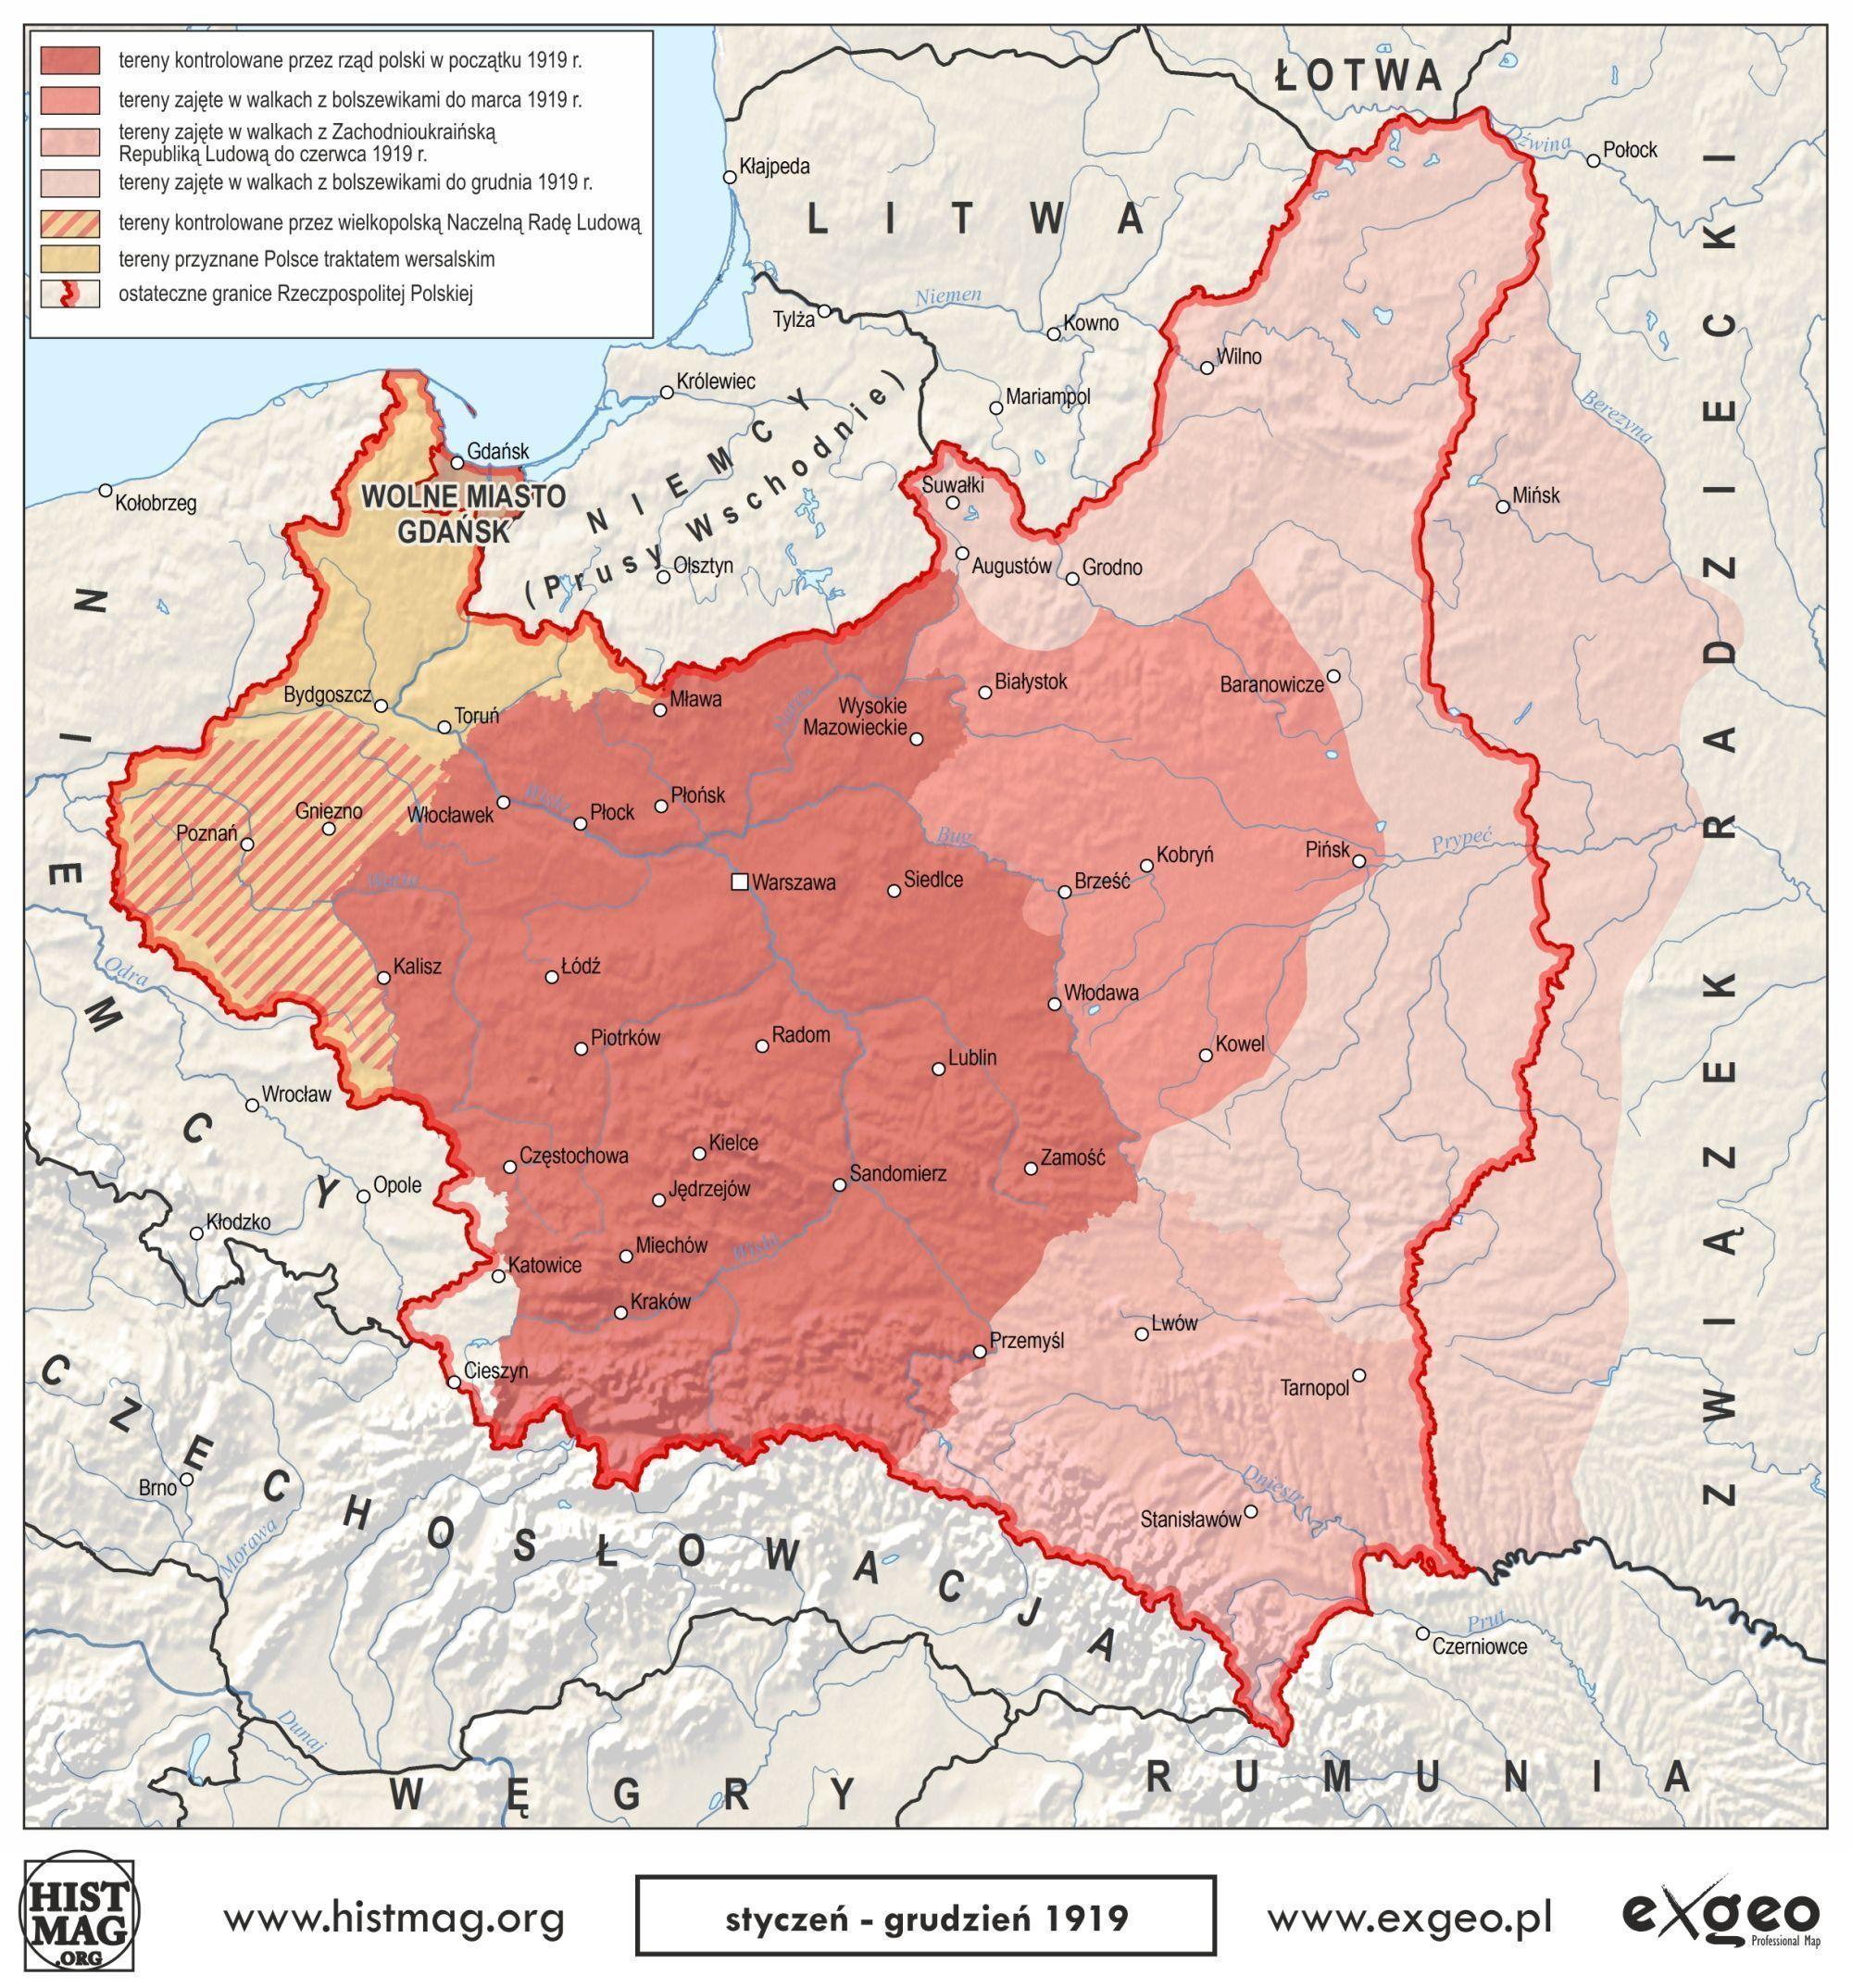 Odzyskanie Niepodleglosci Przez Polske Mapy Portal Historyczny